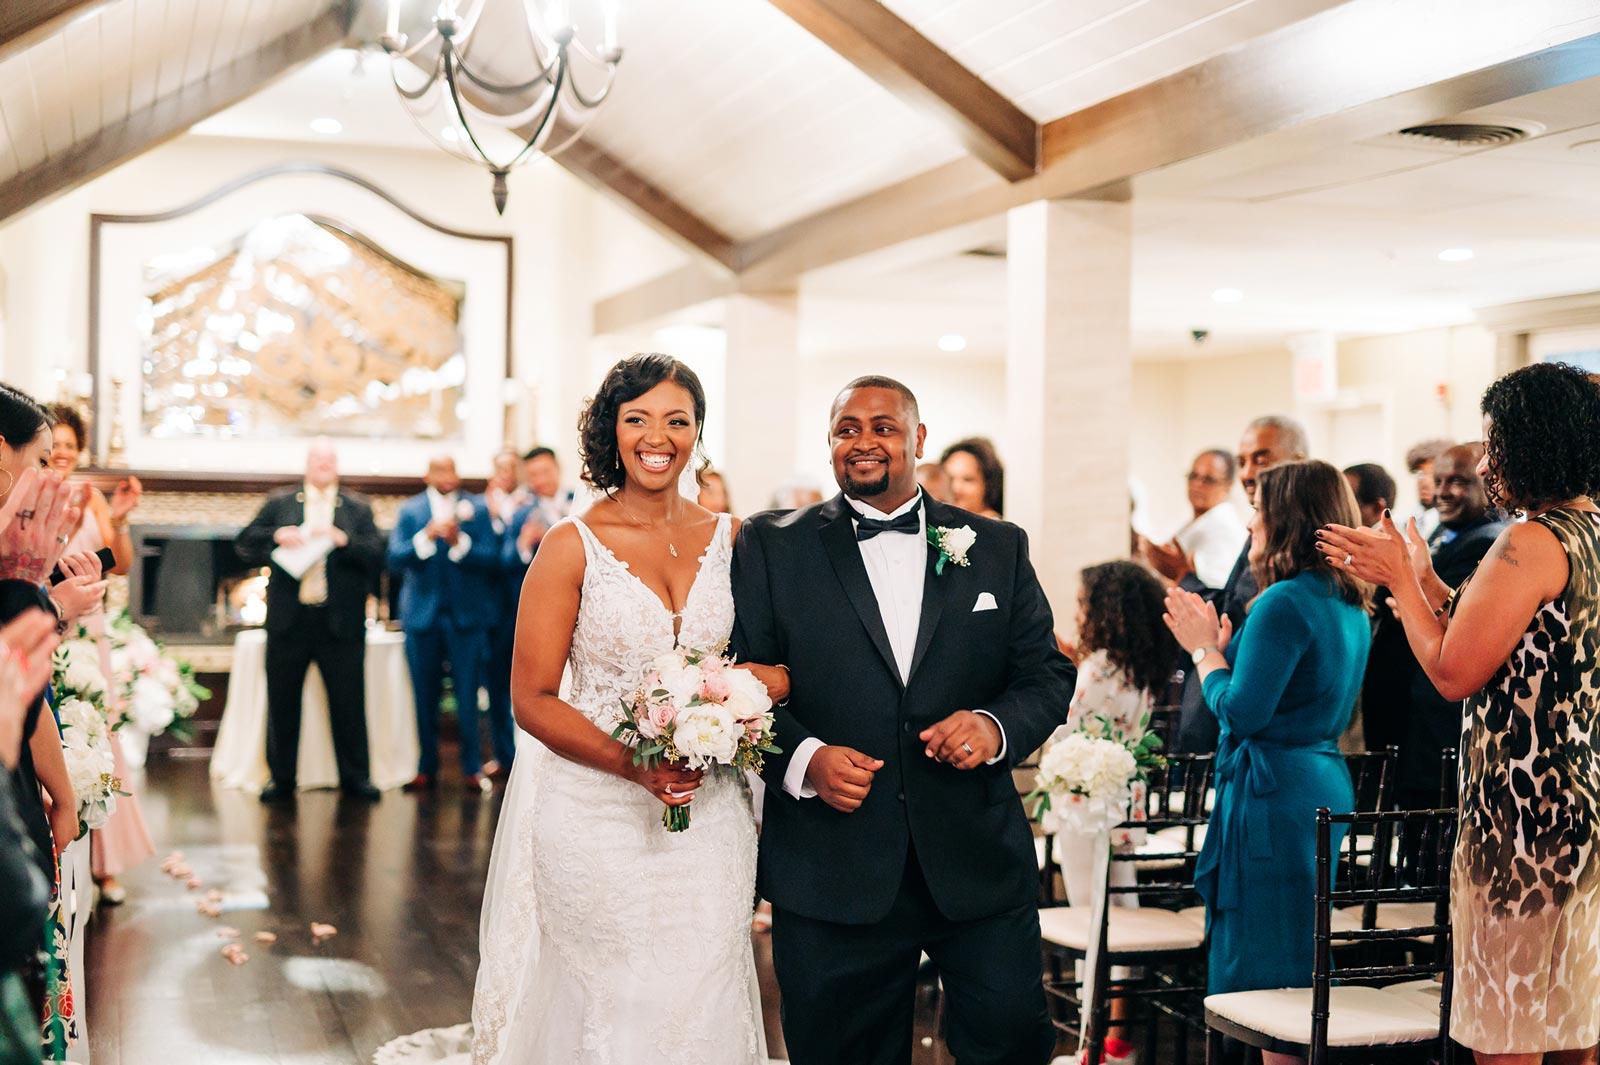 small wedding ceremony venue near Boston MA